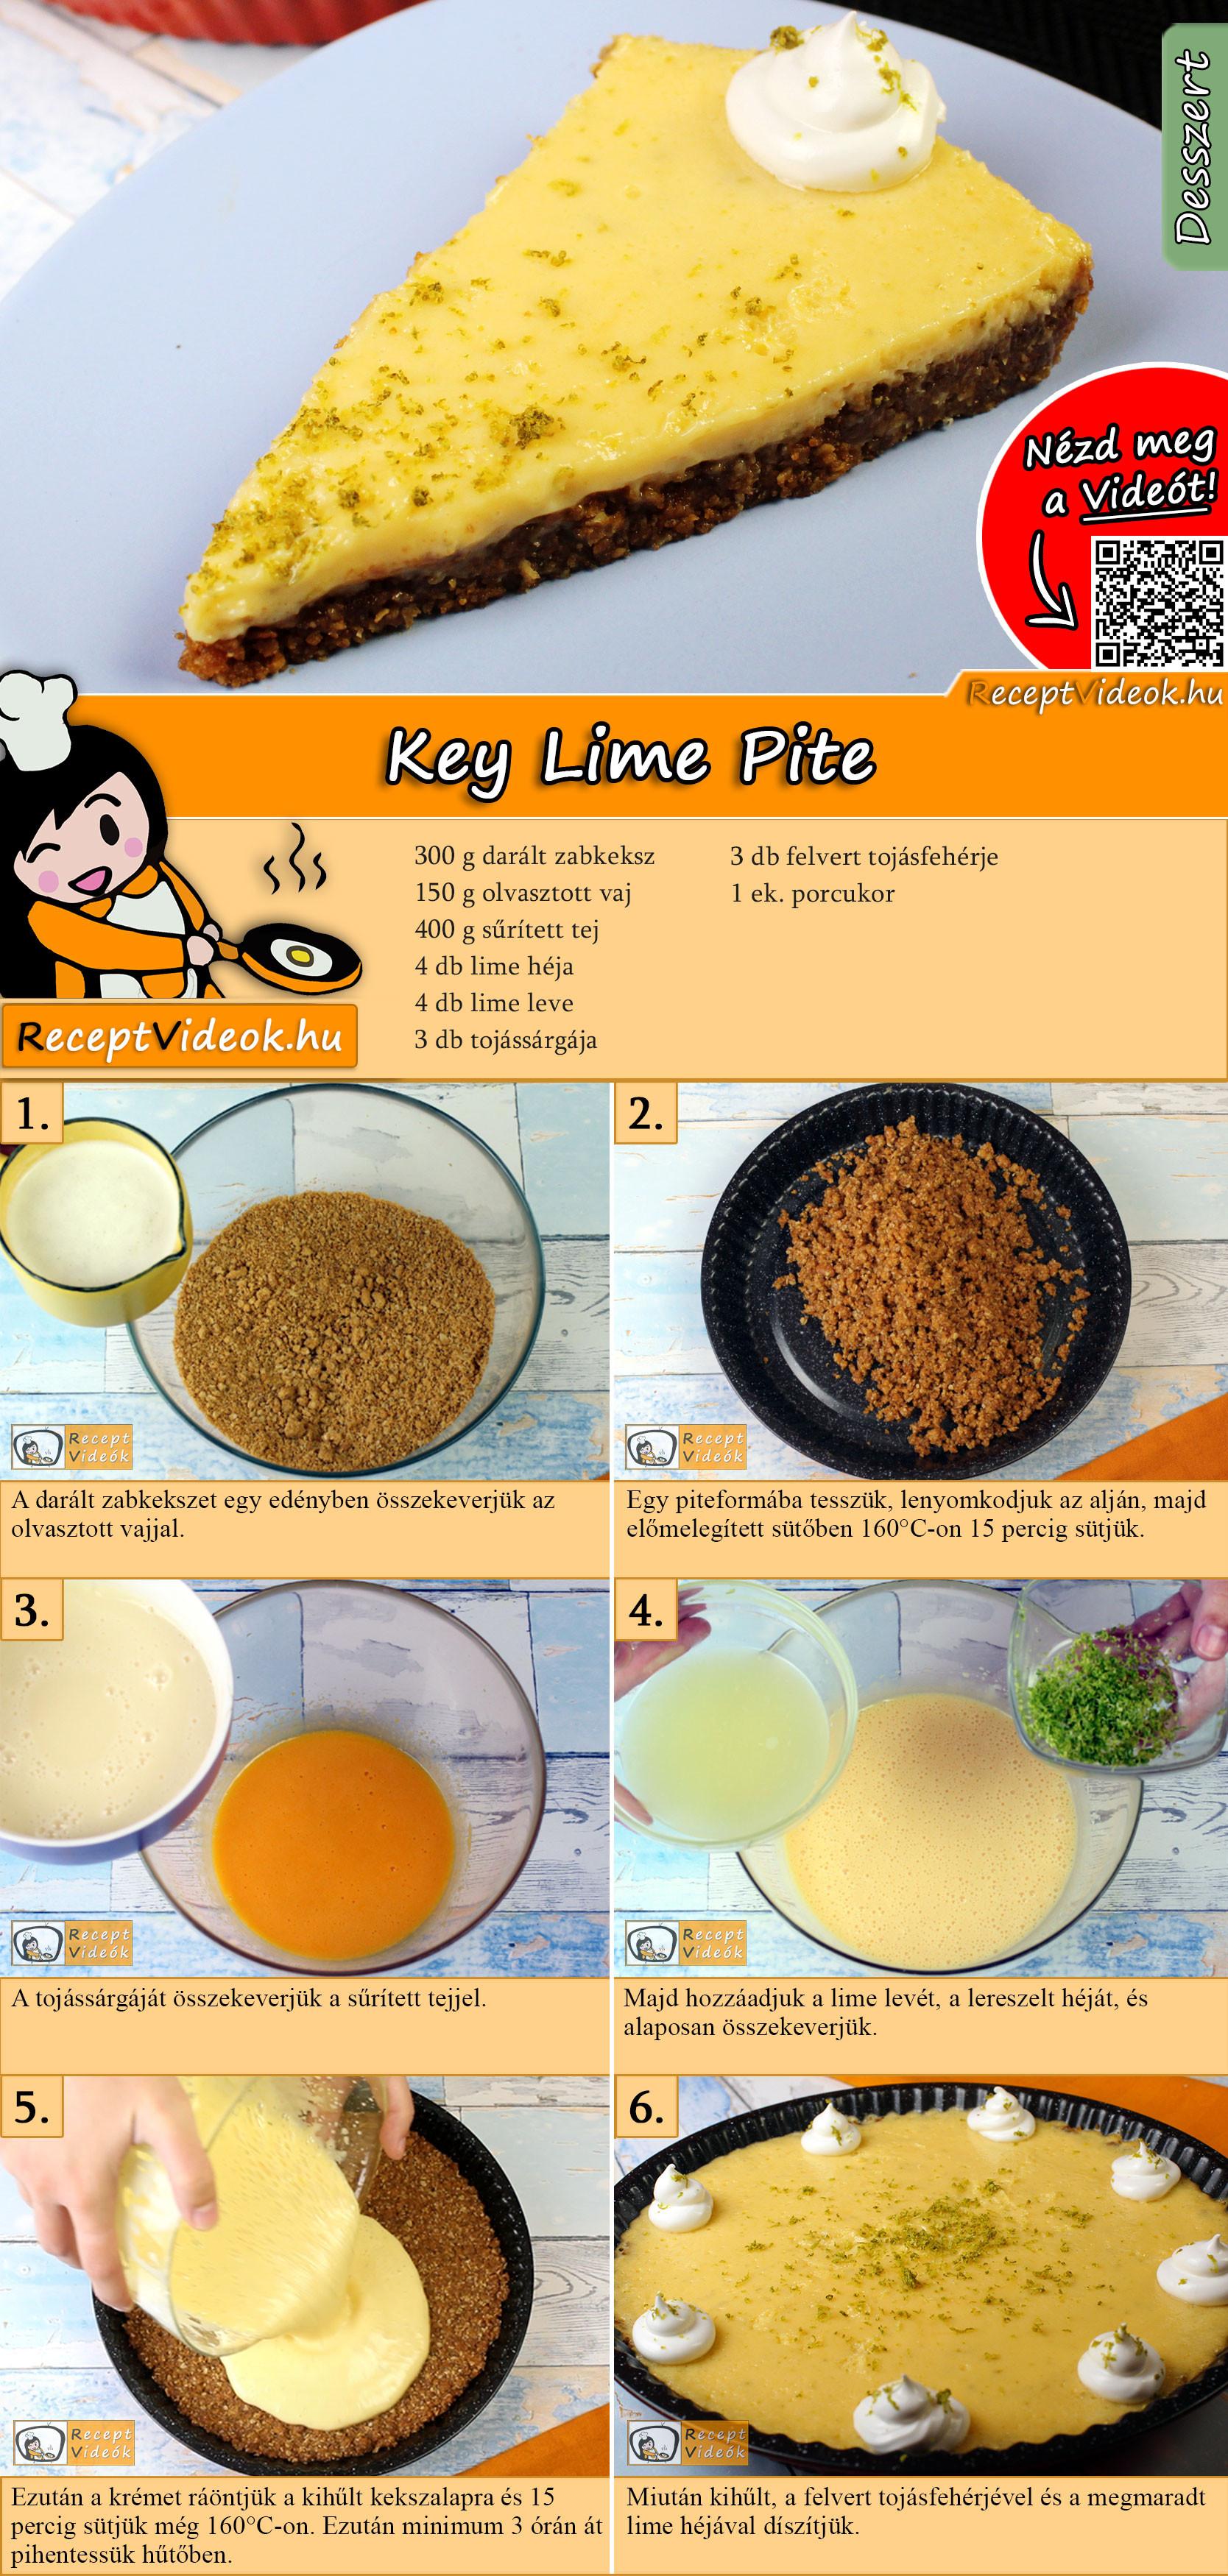 Key Lime Pite recept elkészítése videóval